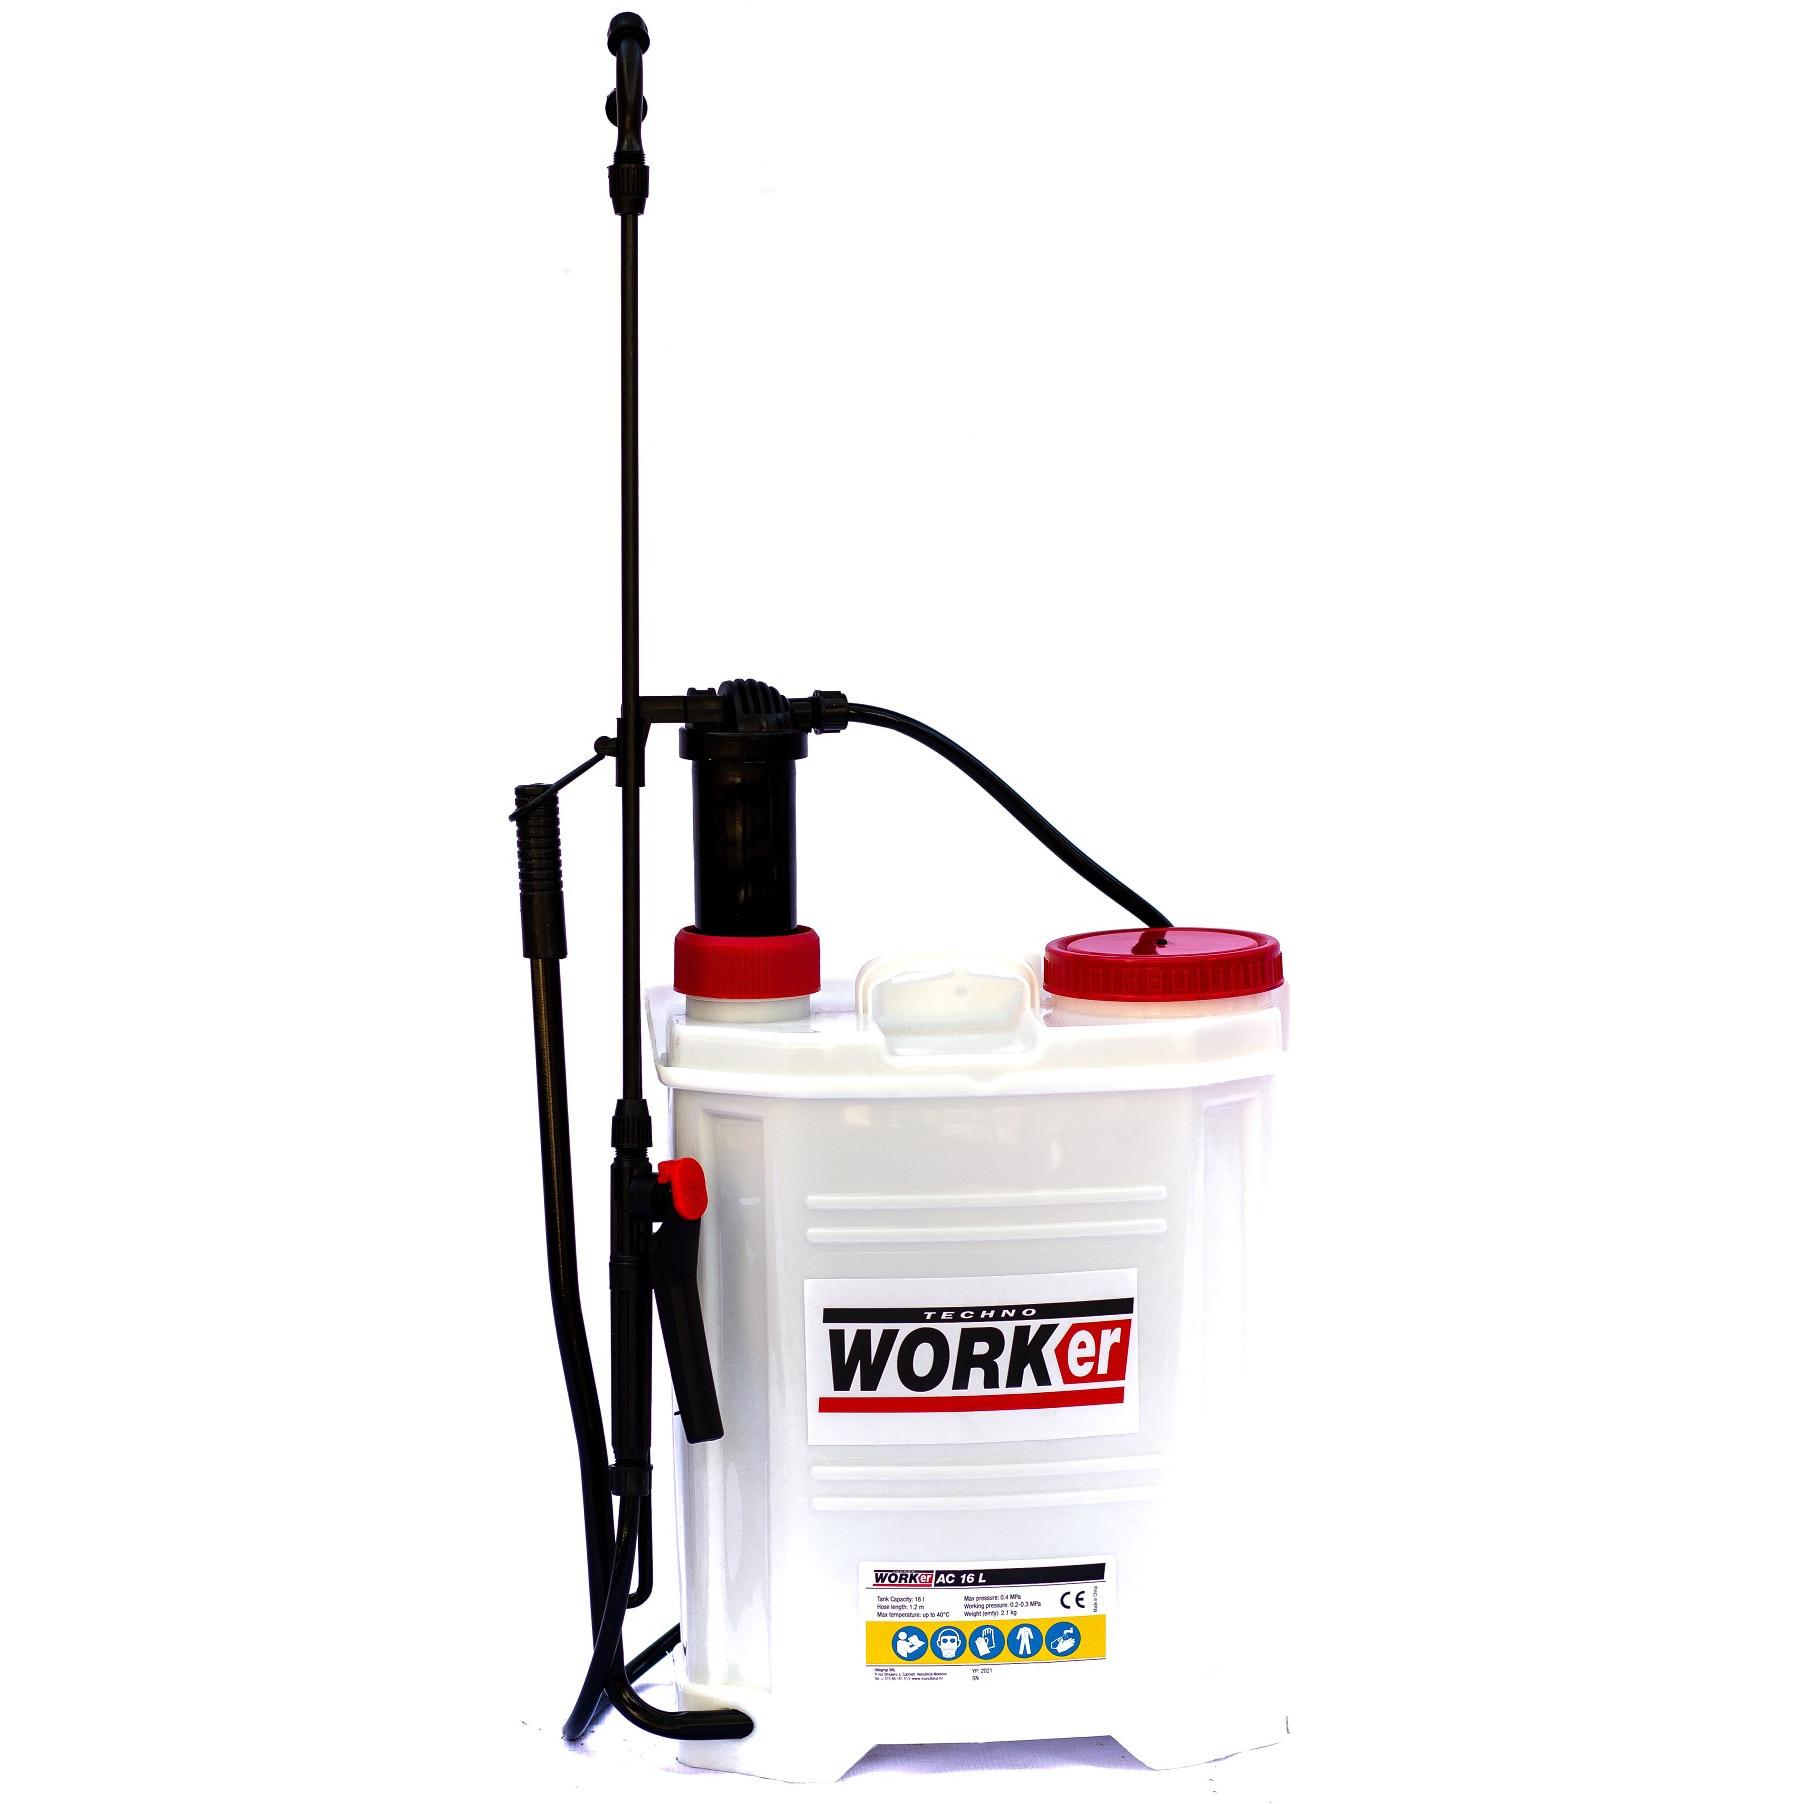 Fotografie Pompa pentru stropit (vermorel) manual TECHNOWORKER, 0.15-0.4 Mpa presiune lucru, 16 l rezervor, 1.2 m lungime furtun